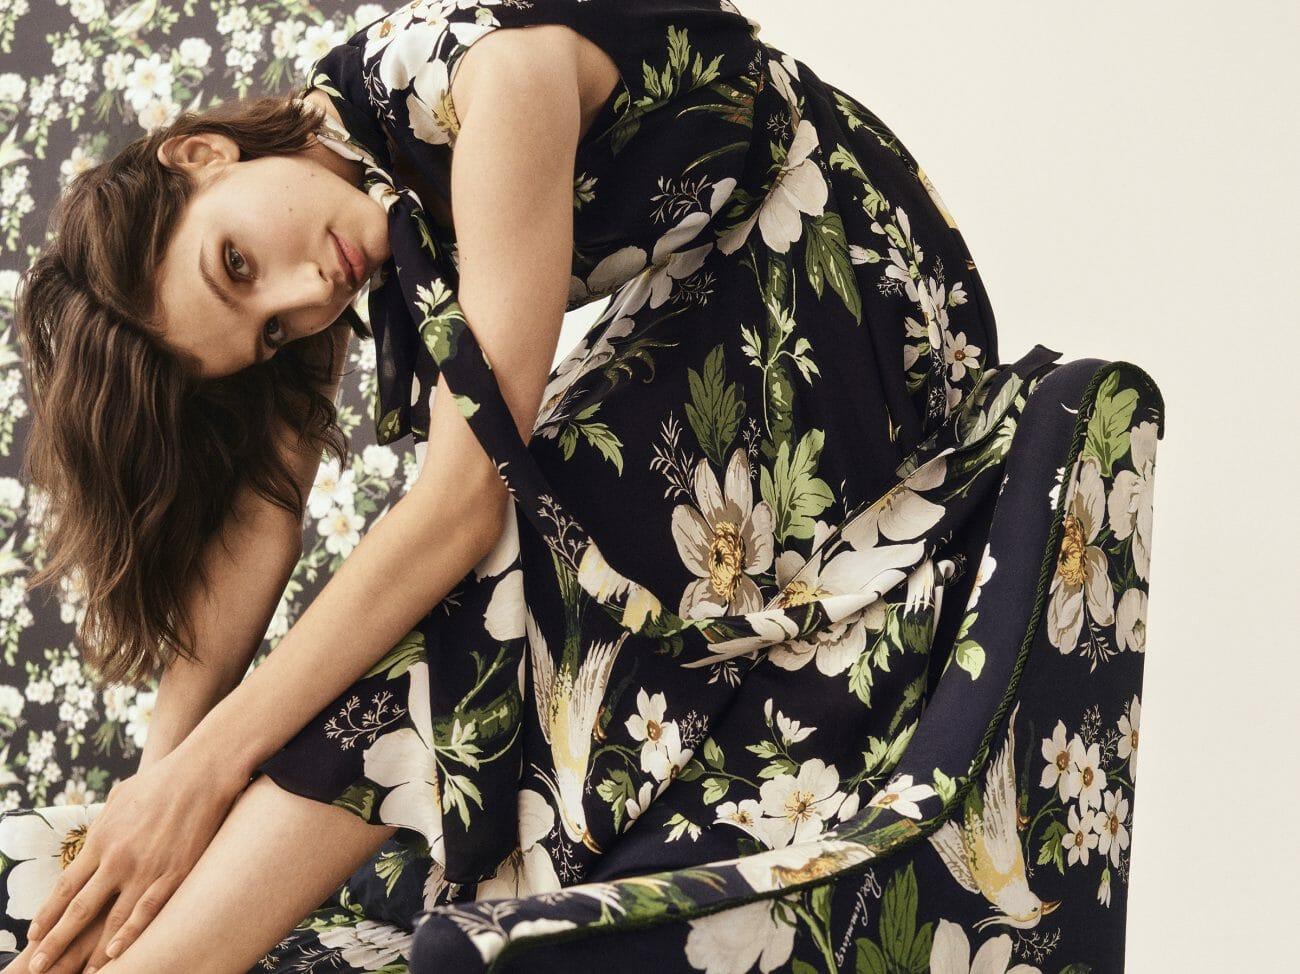 Modelo de Carolina Herrera New York con un vestido negro de flores.